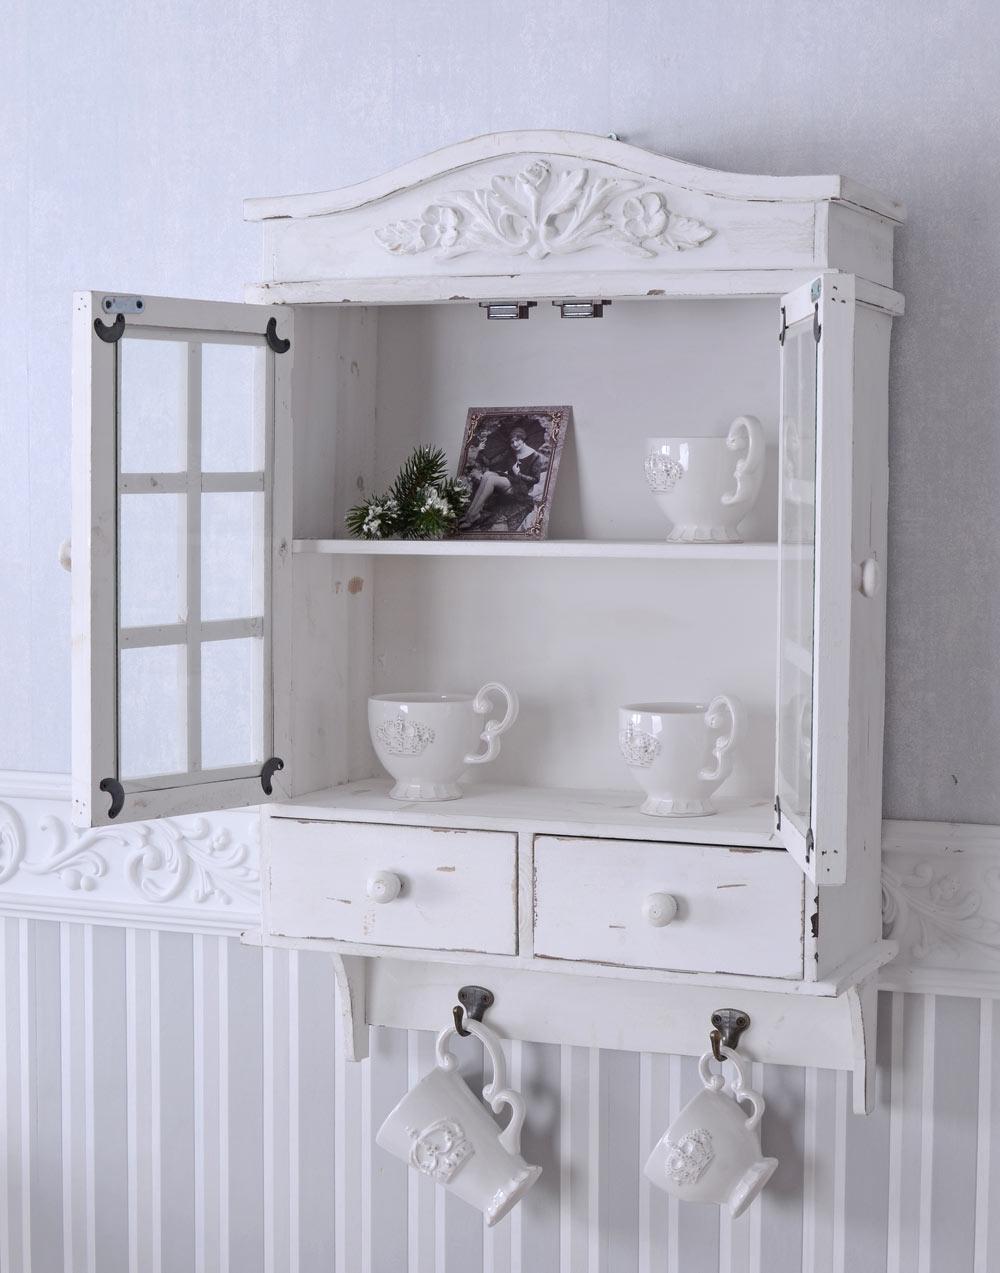 wandschrank handtuchhalter wandregal landhausstil k chenschrank antik stil holz ebay. Black Bedroom Furniture Sets. Home Design Ideas